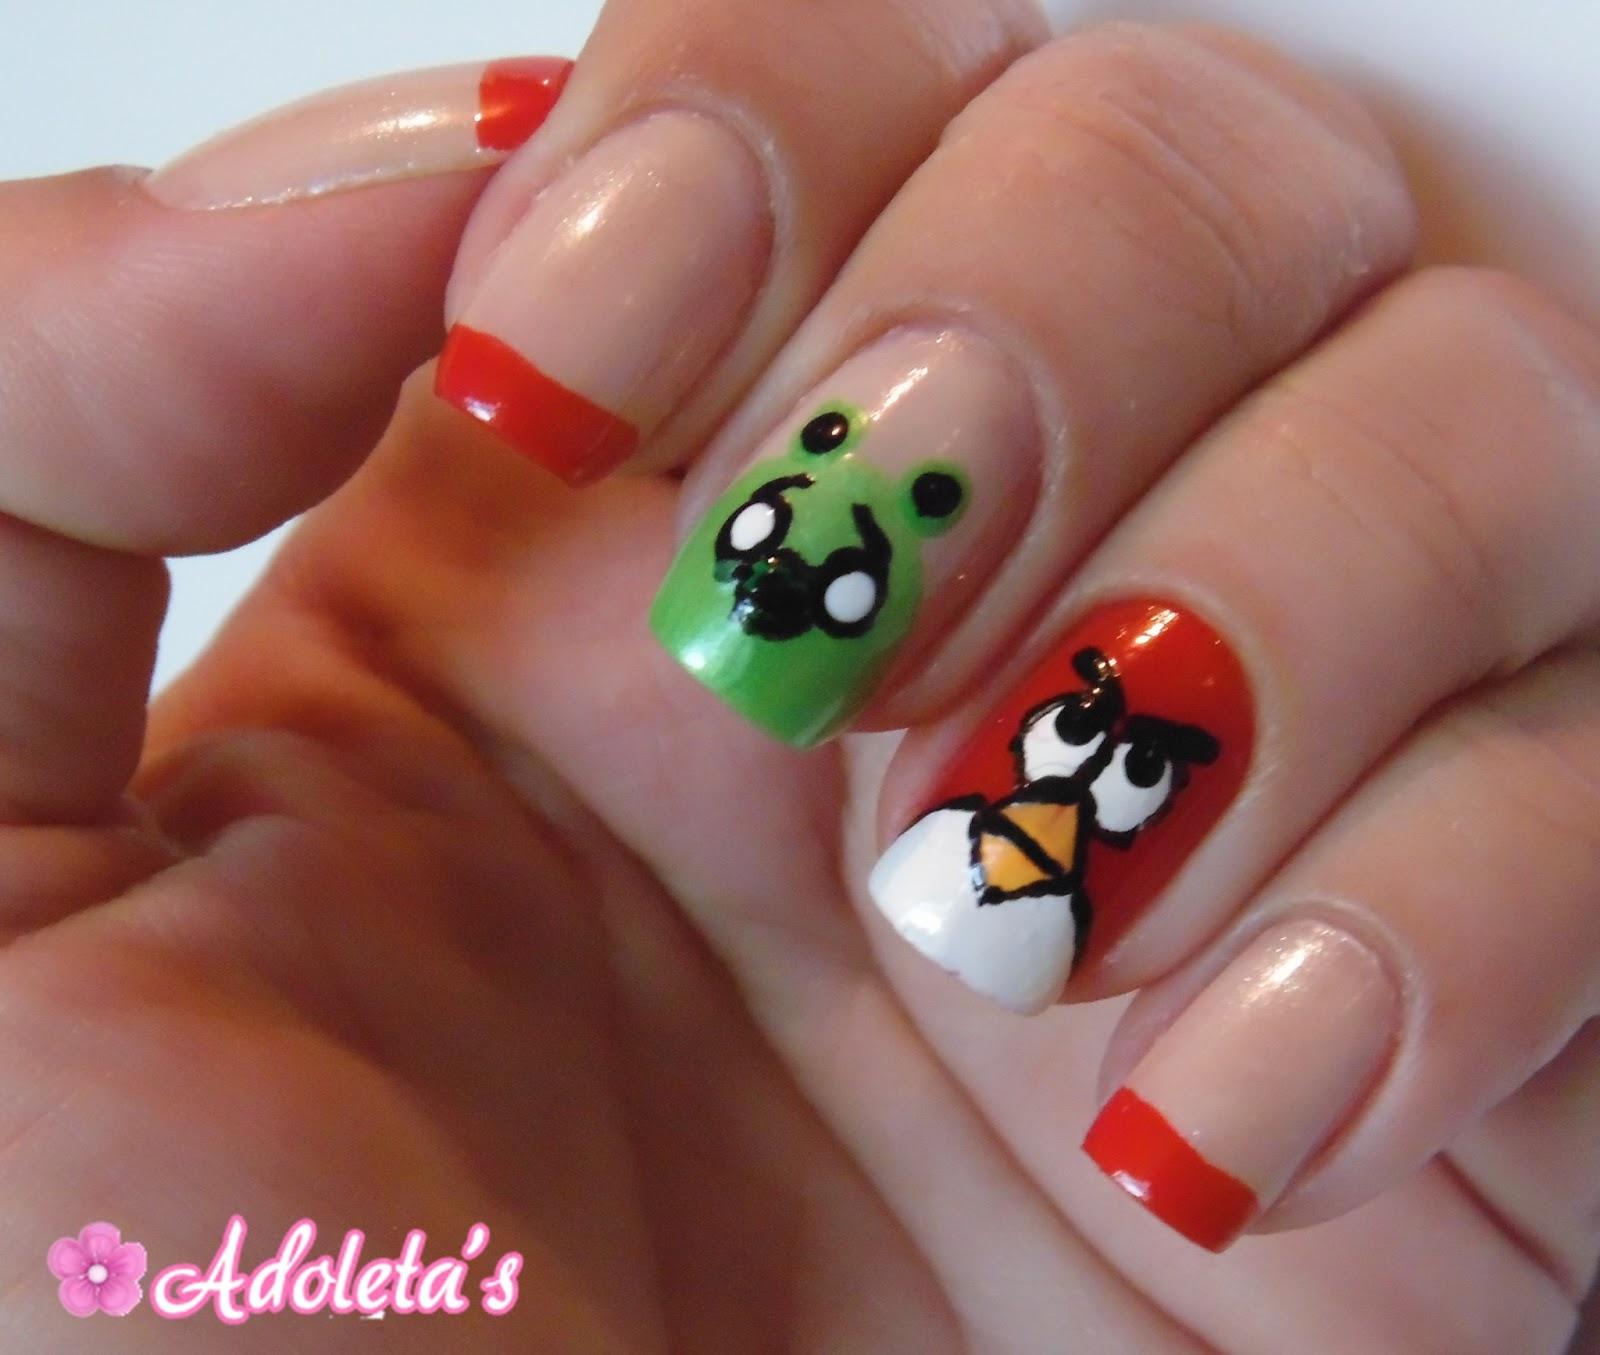 Adoleta's: Angry Birds Nails